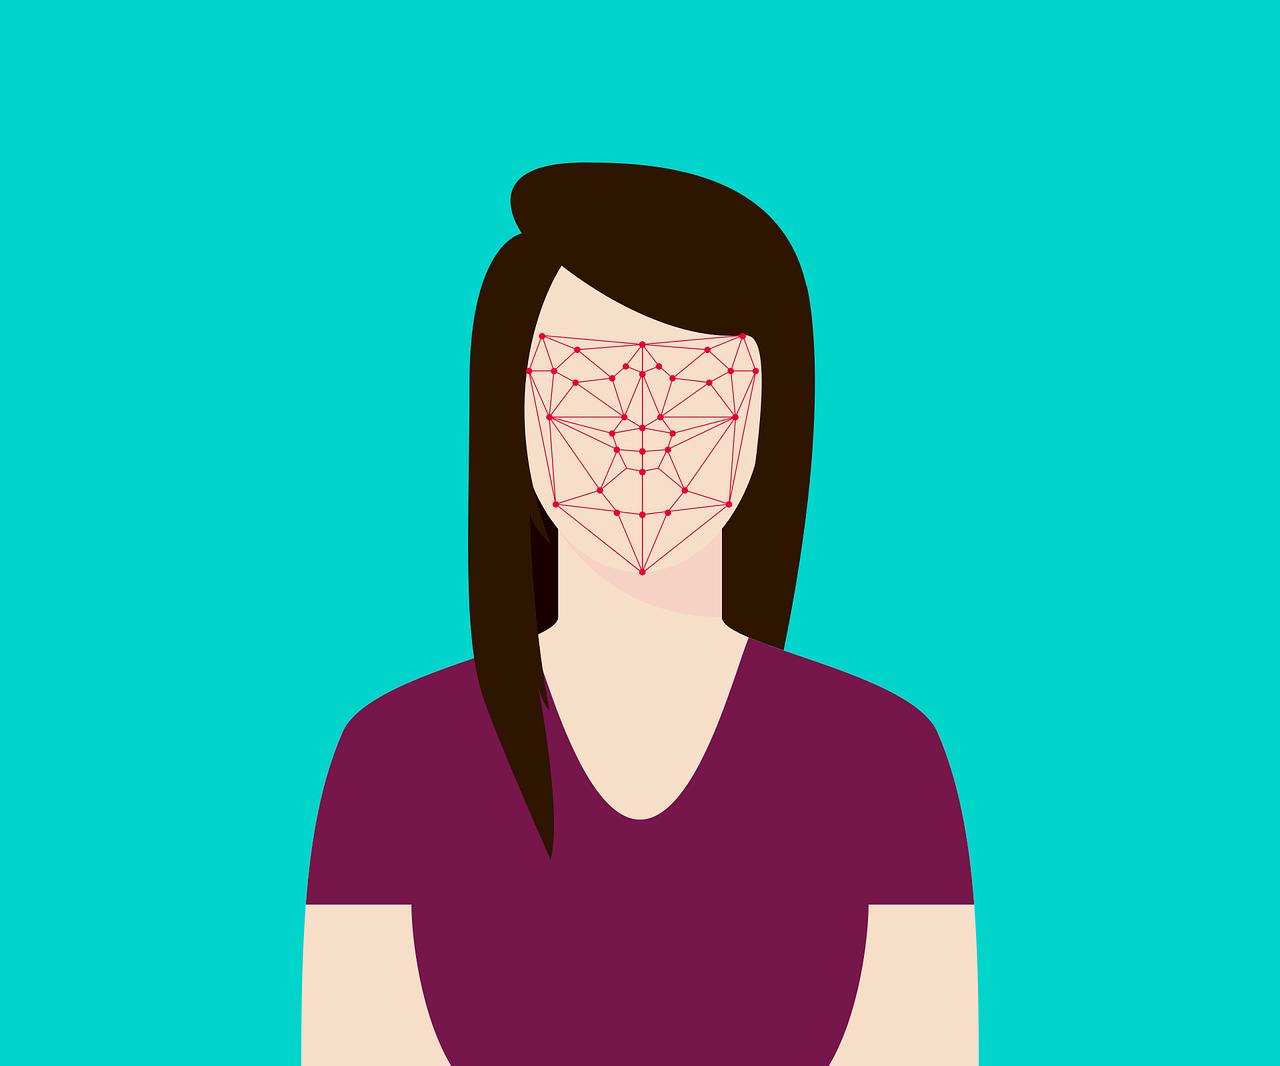 Riconoscimento facciale e privacy: tra dati biometrici e consenso.